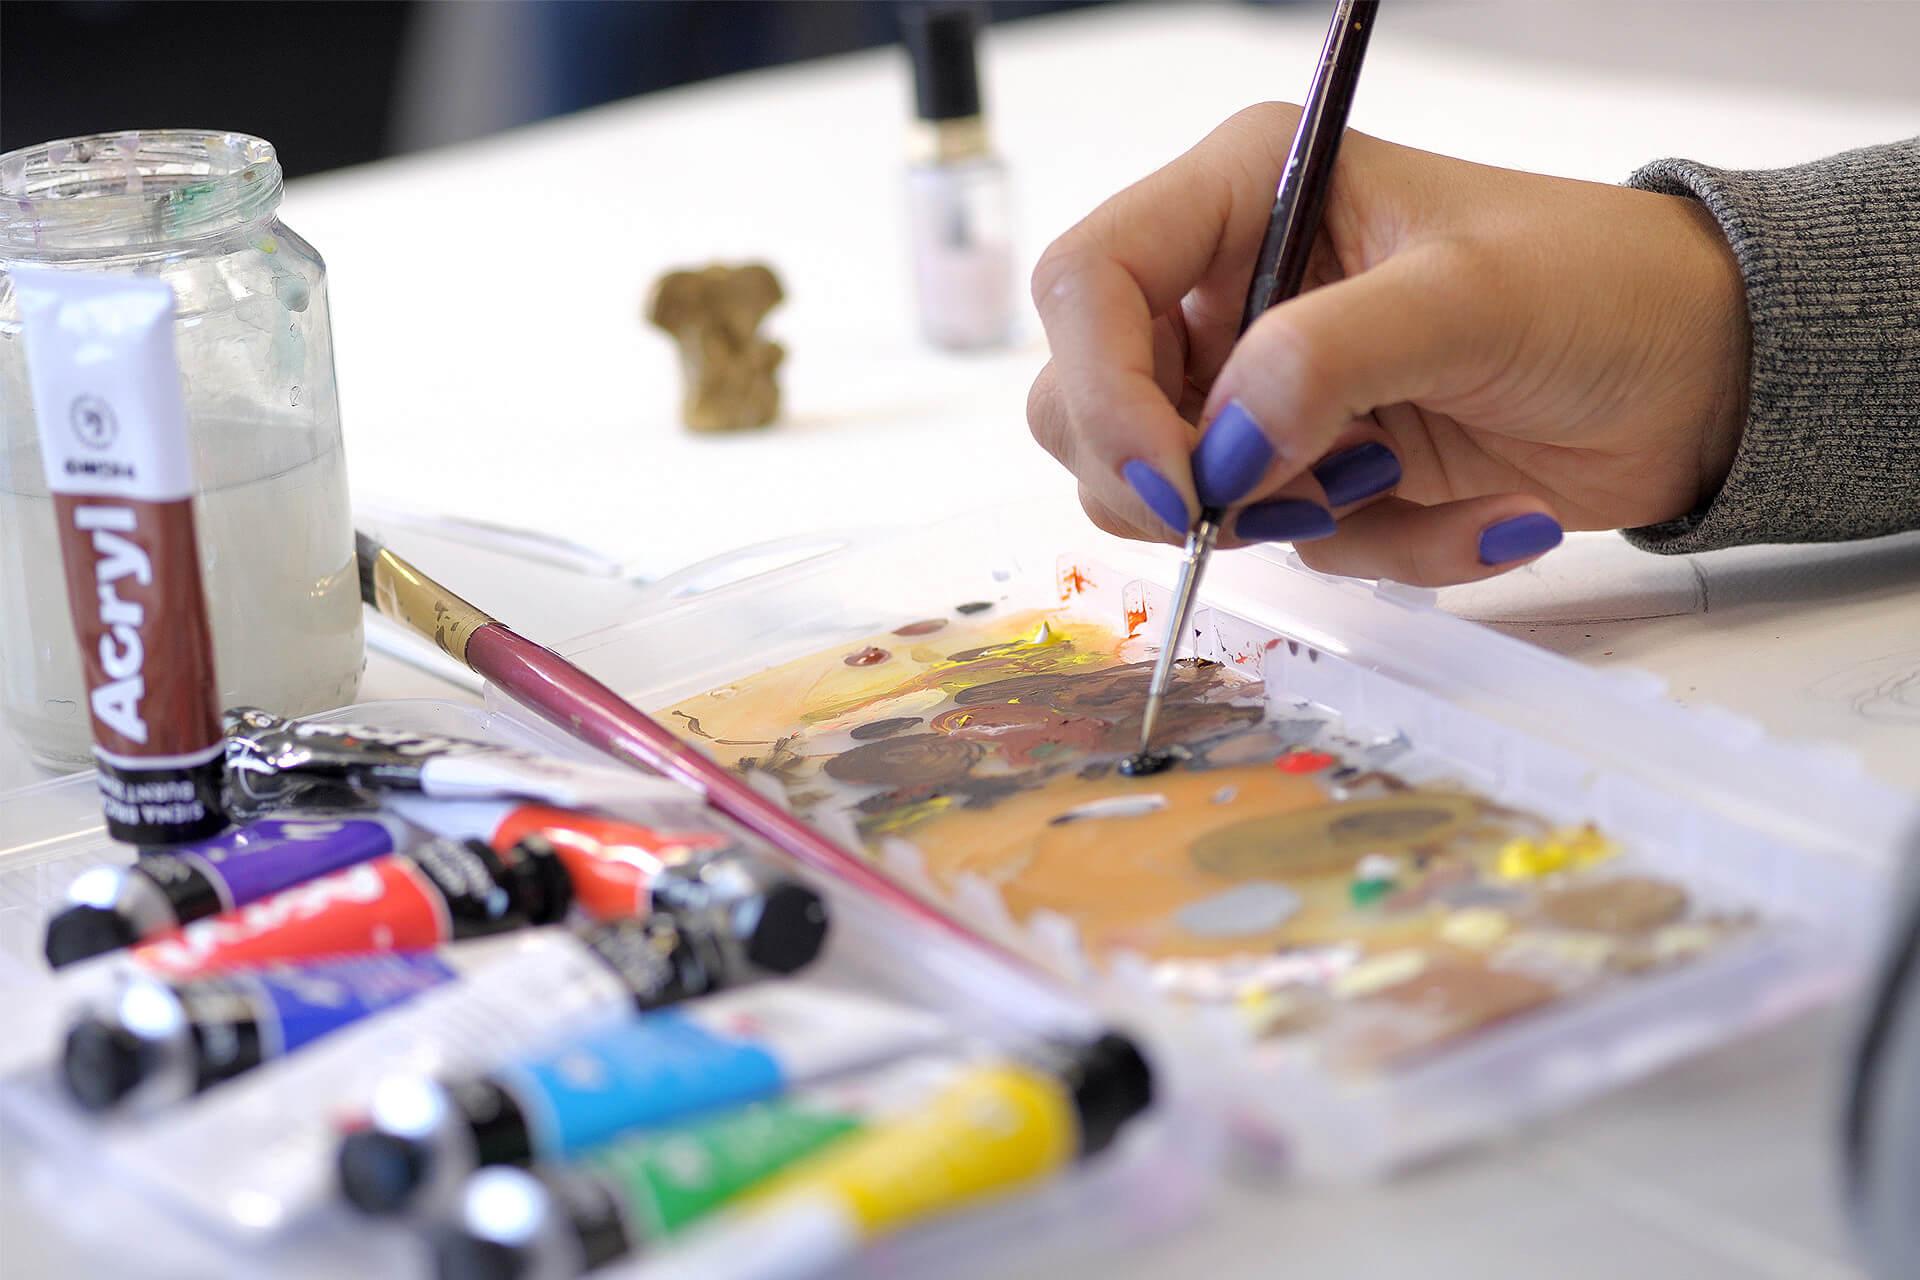 fos-ausbildungsrichtungen-gestaltung-content-impressionen-unterricht-acrylmalerei